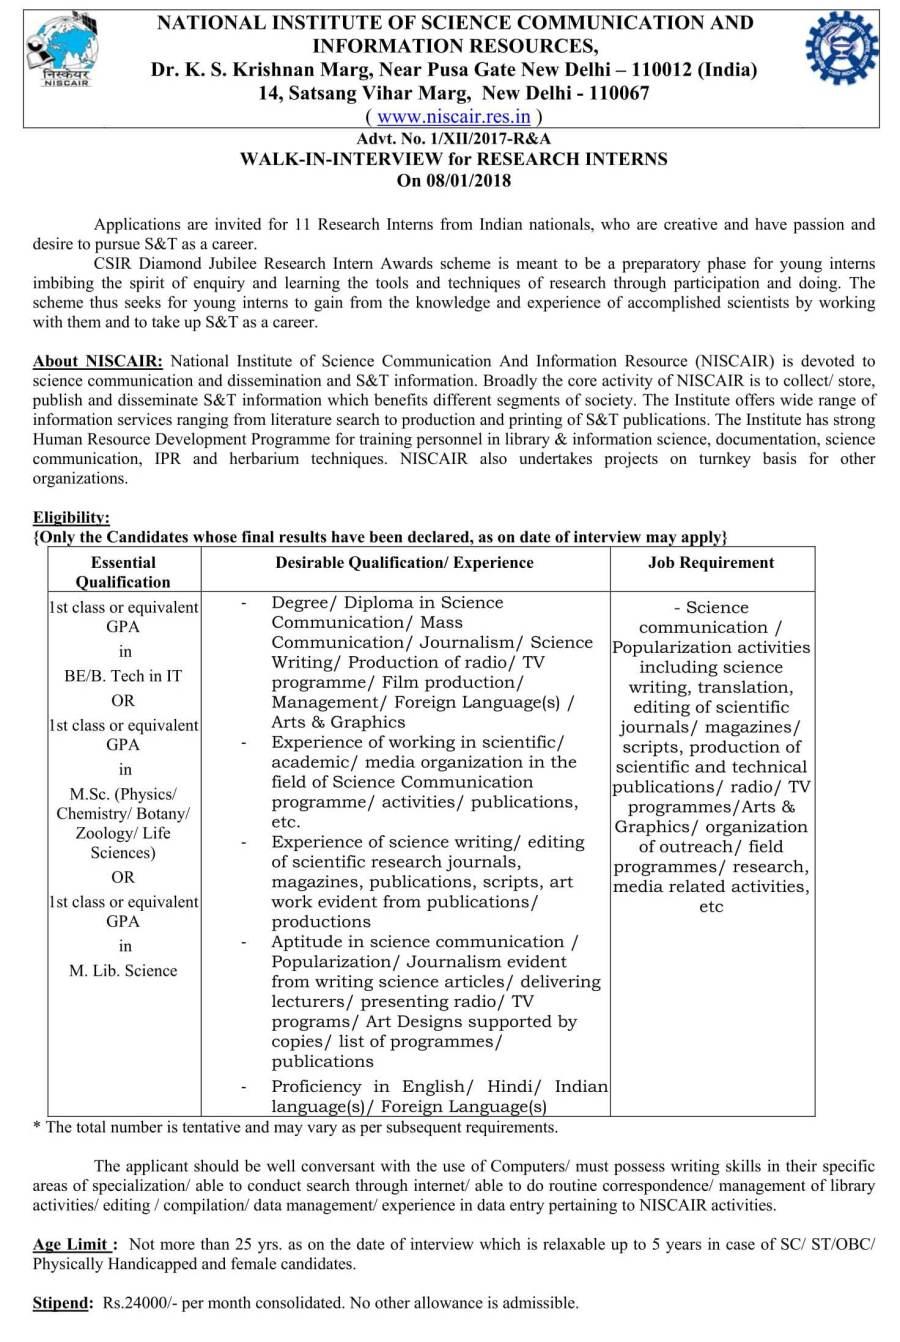 Advt-RI-12Dec17-1.jpg